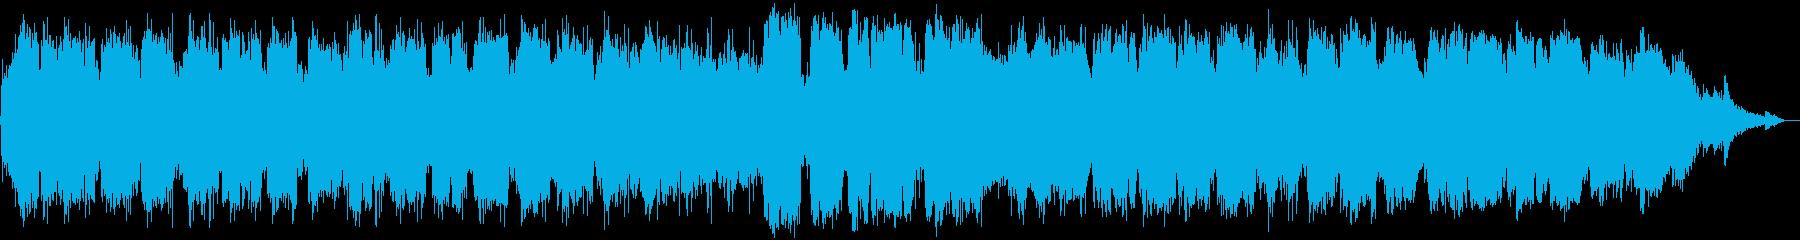 竹笛のヒーリングミュージックの再生済みの波形